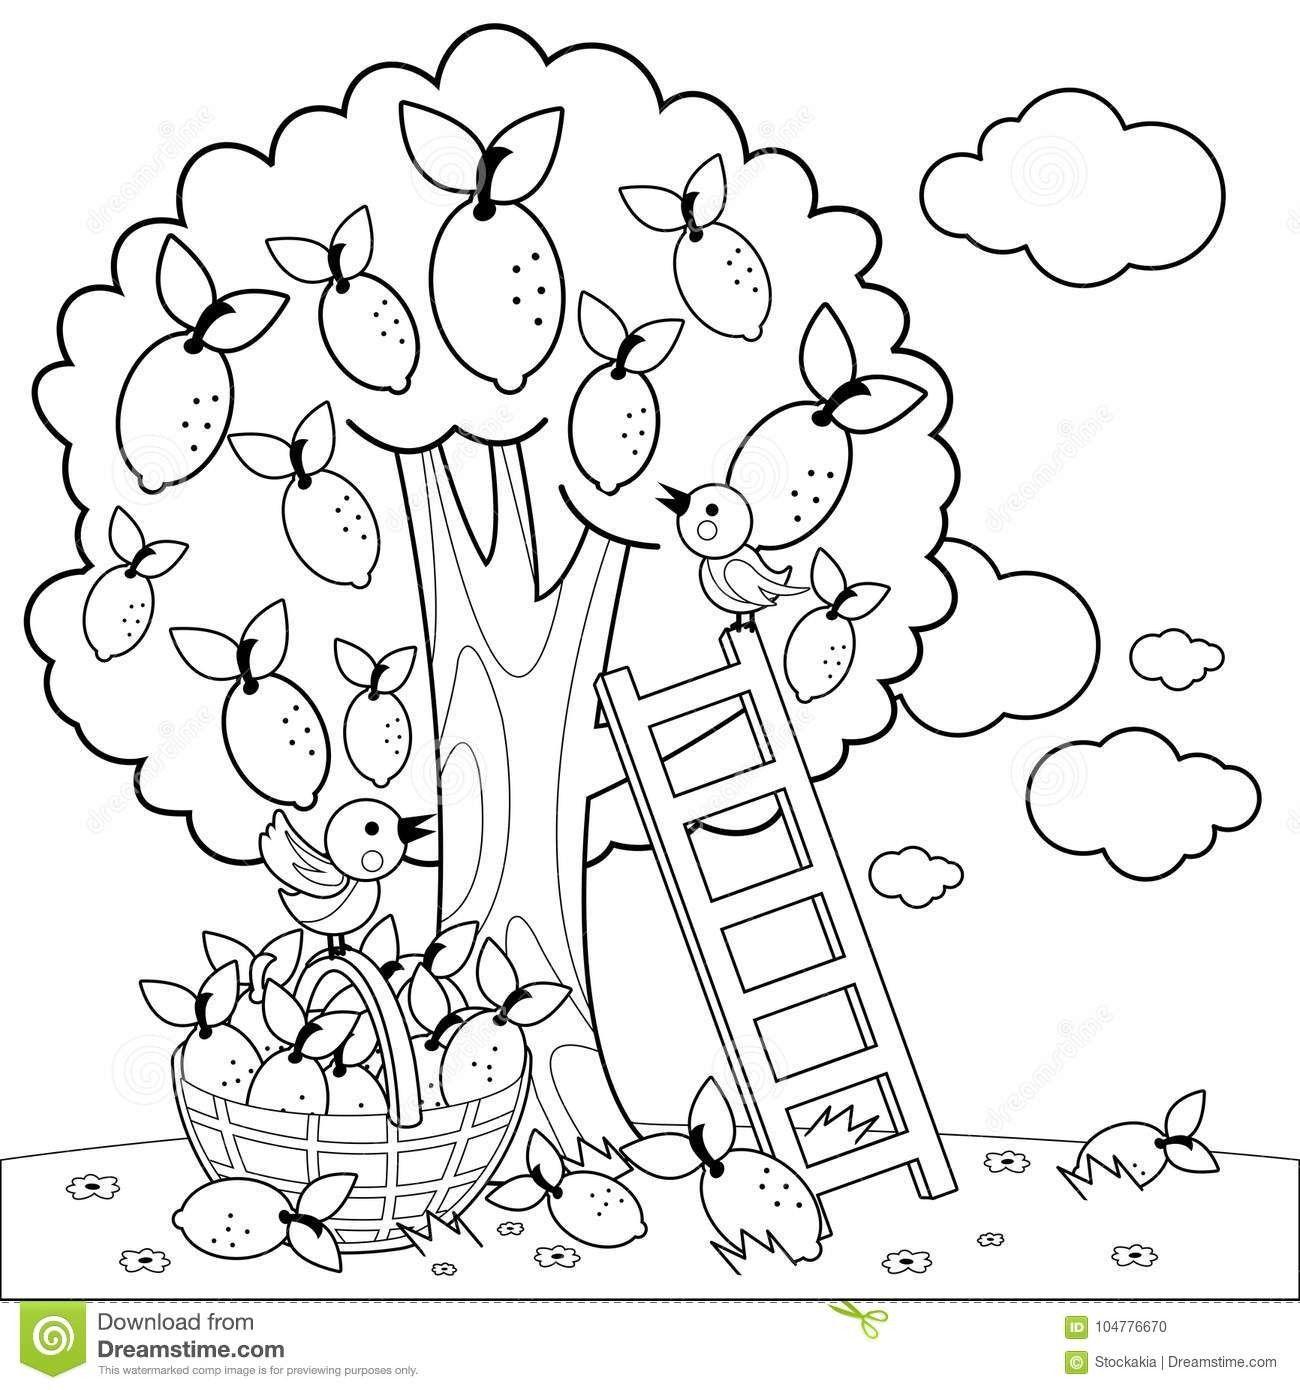 Lemon Color Page Fruit Coloring Pages Free Kids Coloring Pages Printable Coloring Pages